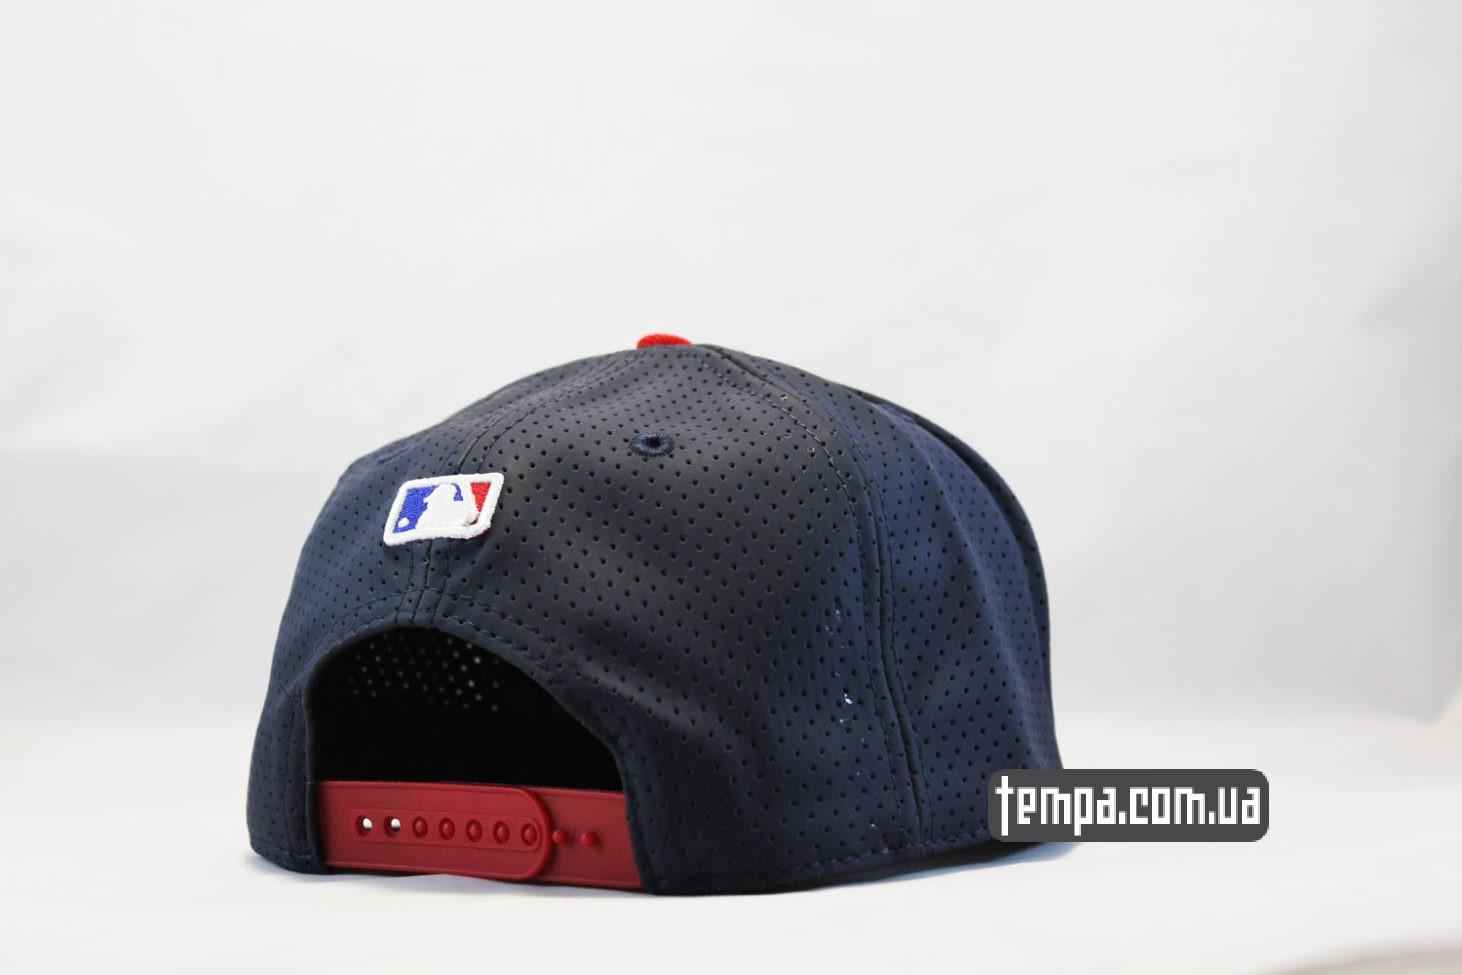 бейсболкая кепка атланта одежда кепка snapback Cleveland Indians New Era trucker с сеточкой